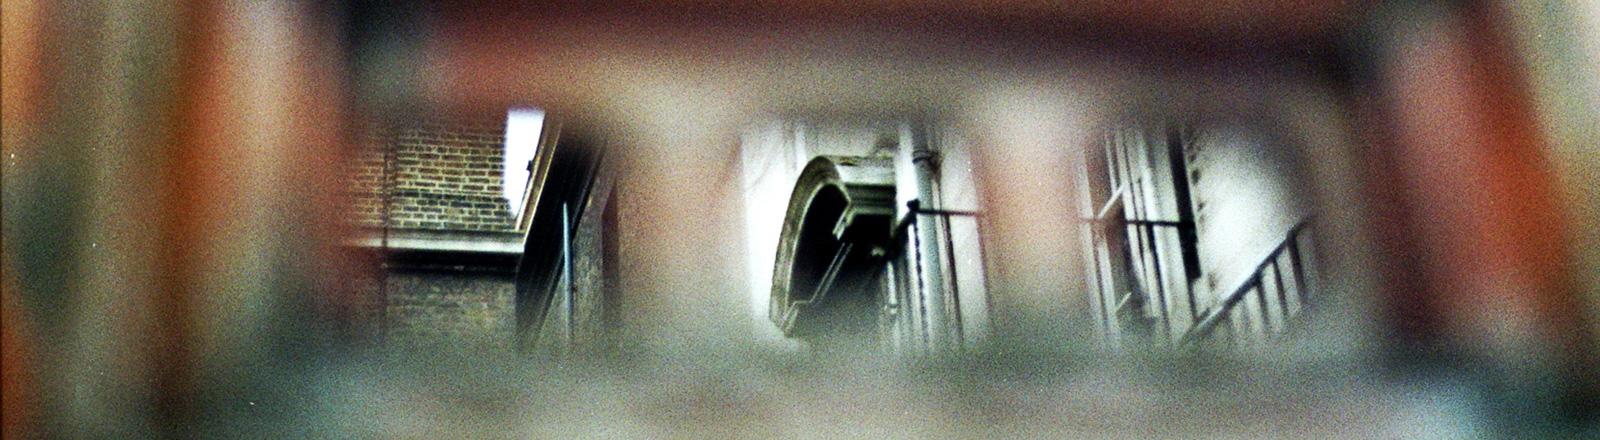 Der verschwommene Blick auf ein Fenster.